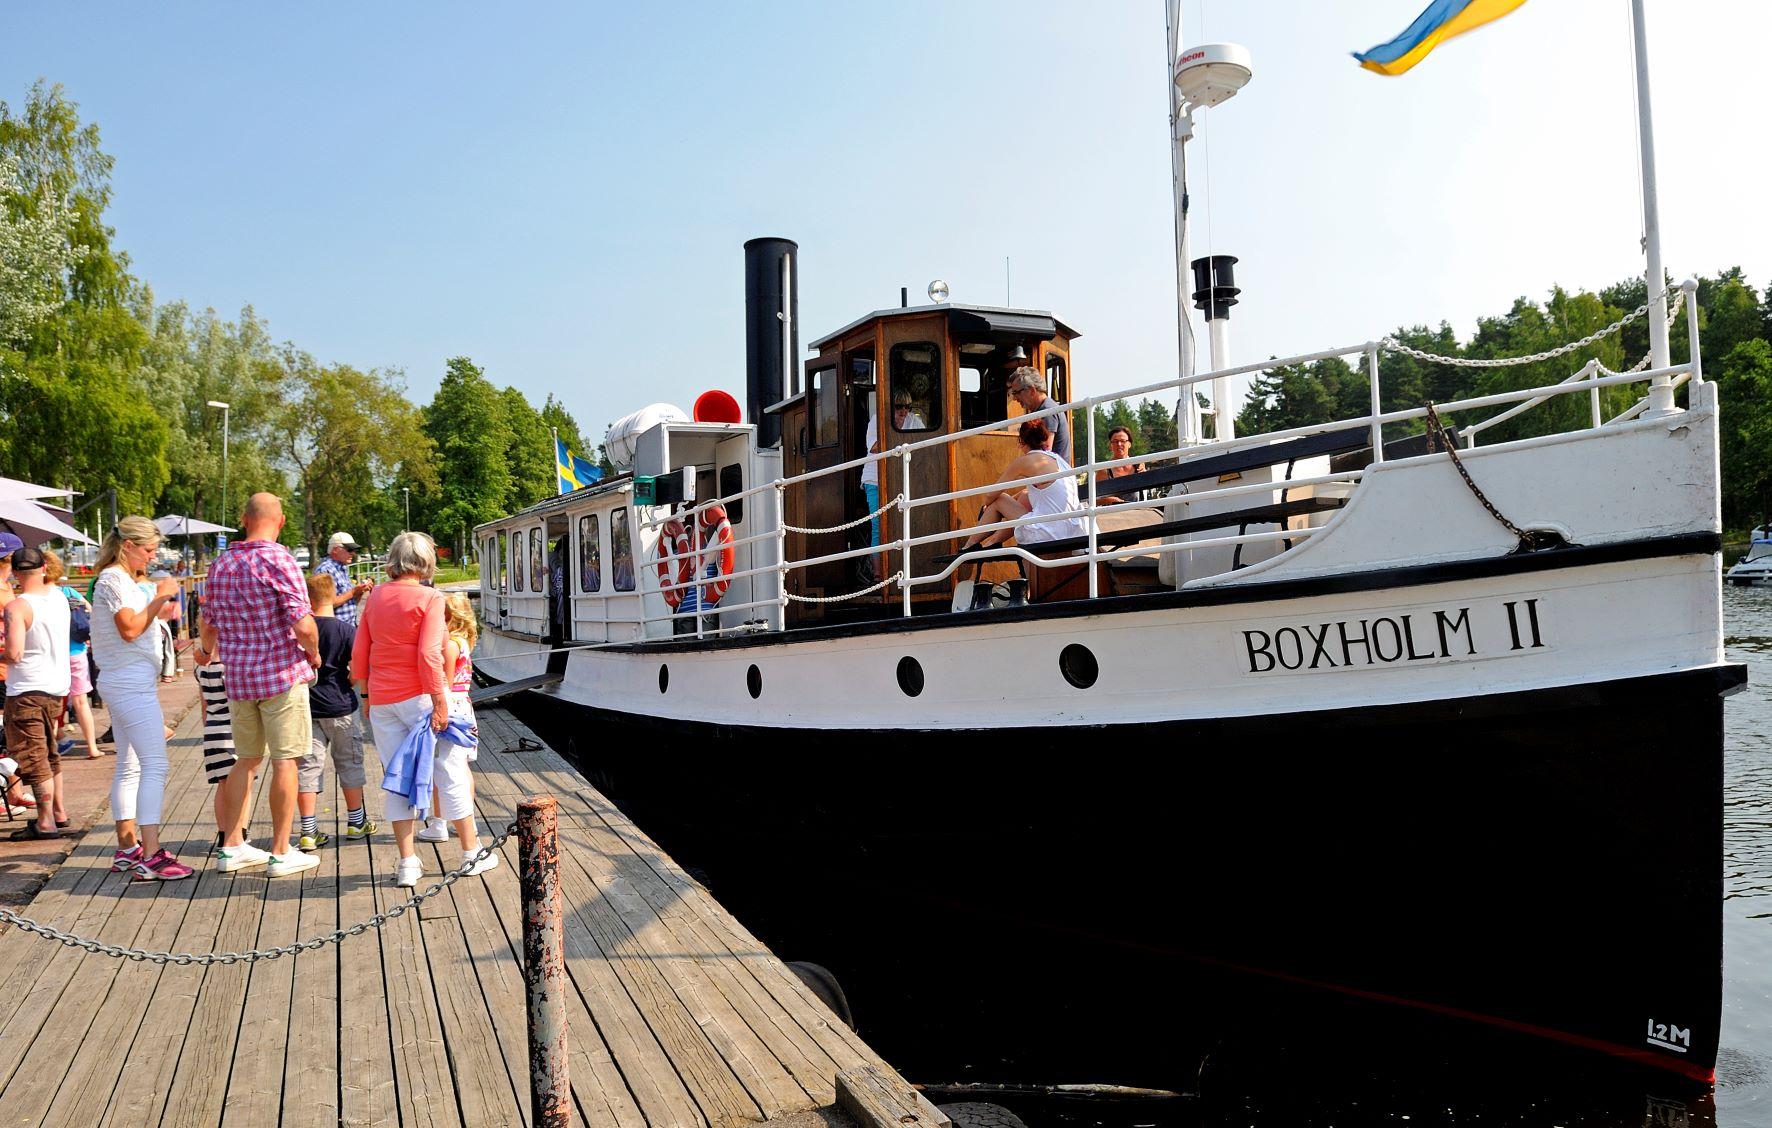 Ångbåten Boxholm II vid brygga.